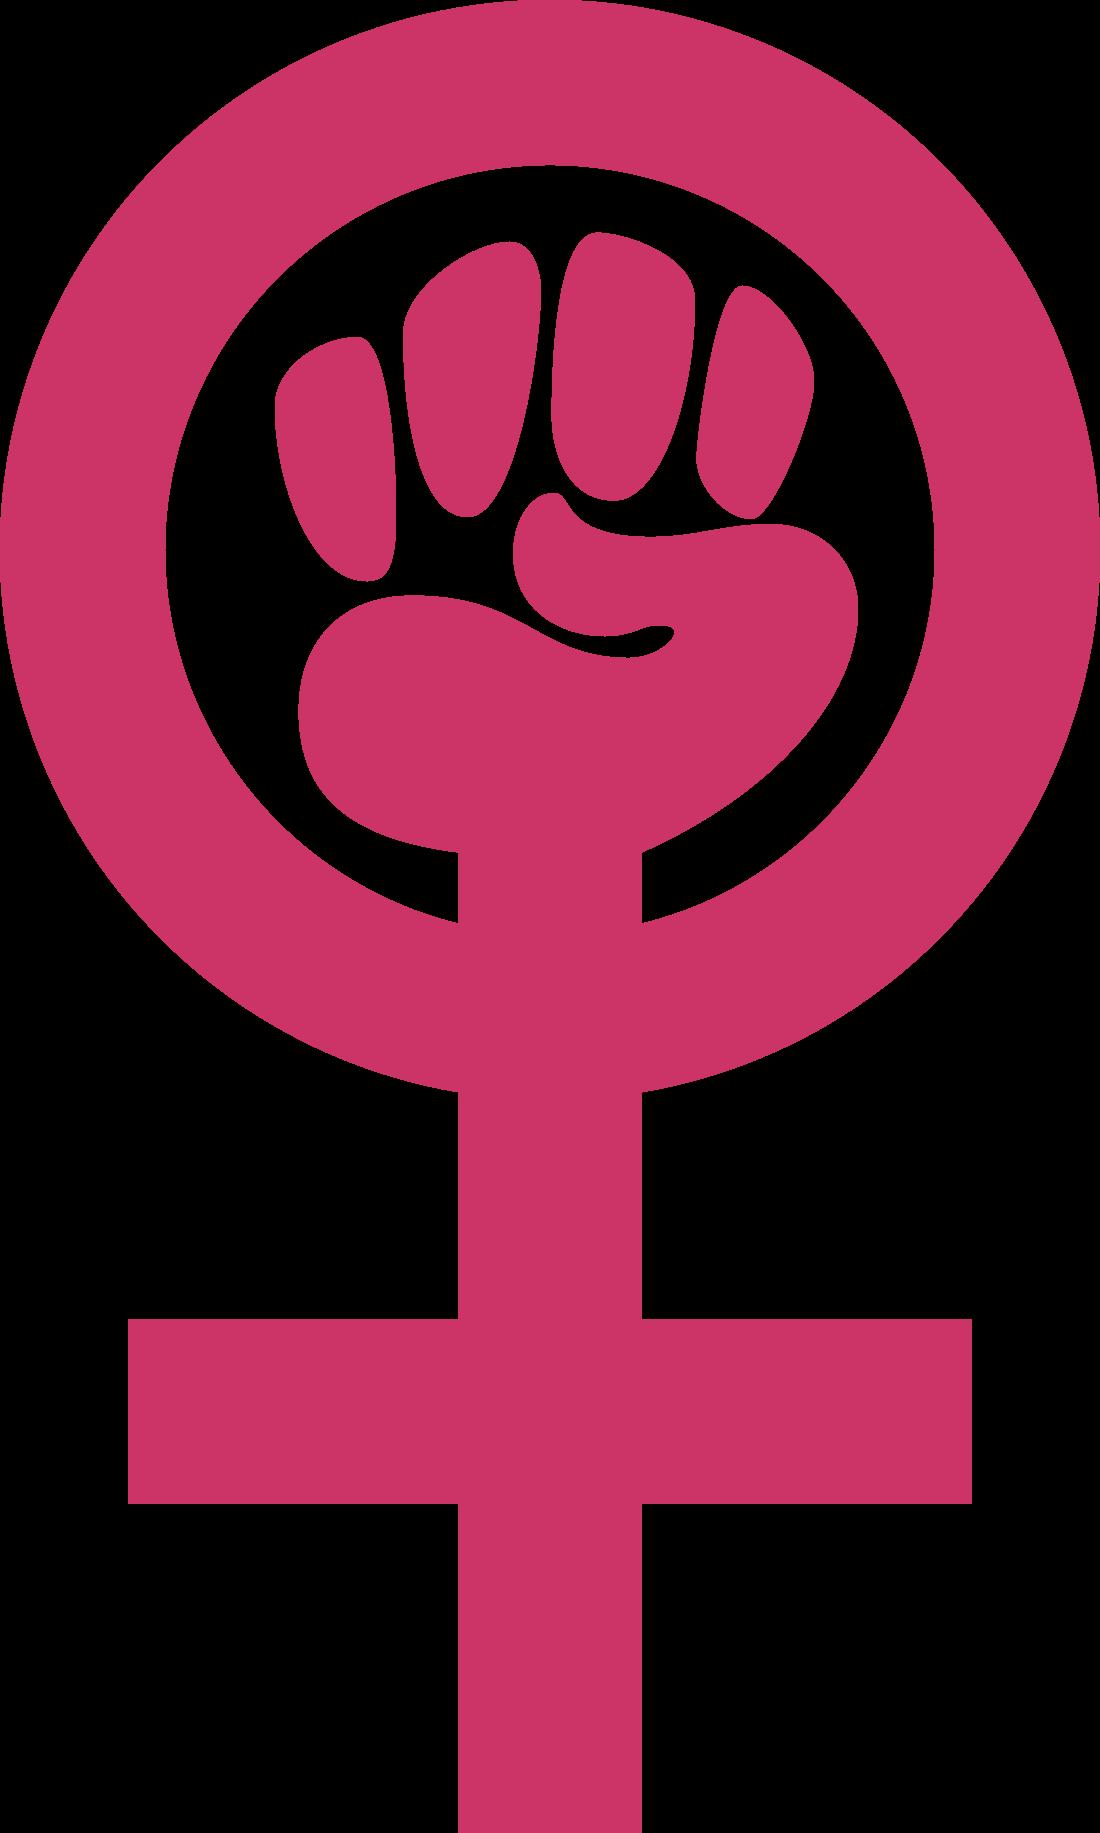 feminismo-simbolo-3